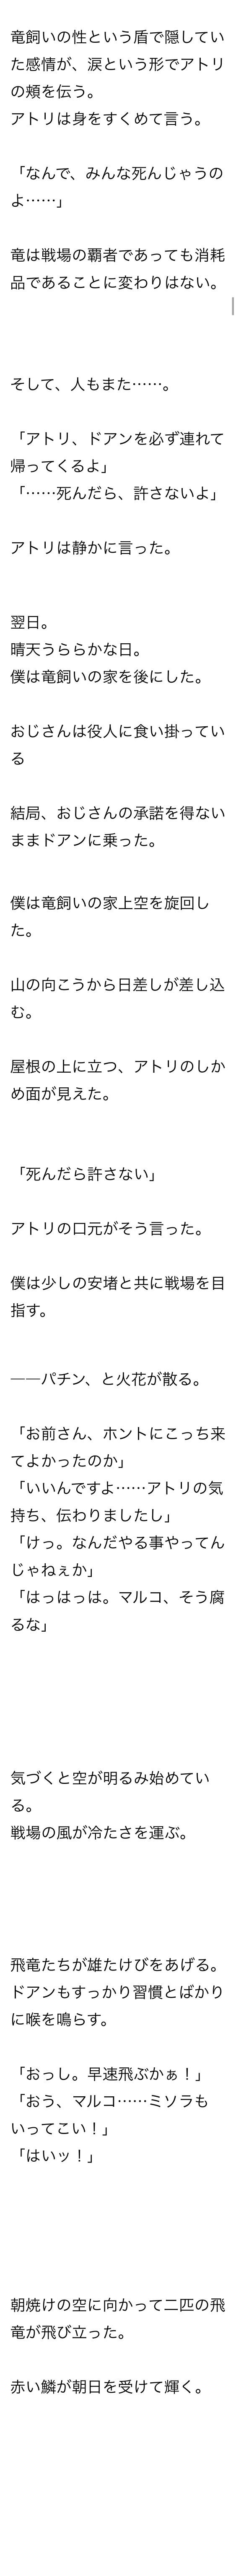 hida_4.jpg